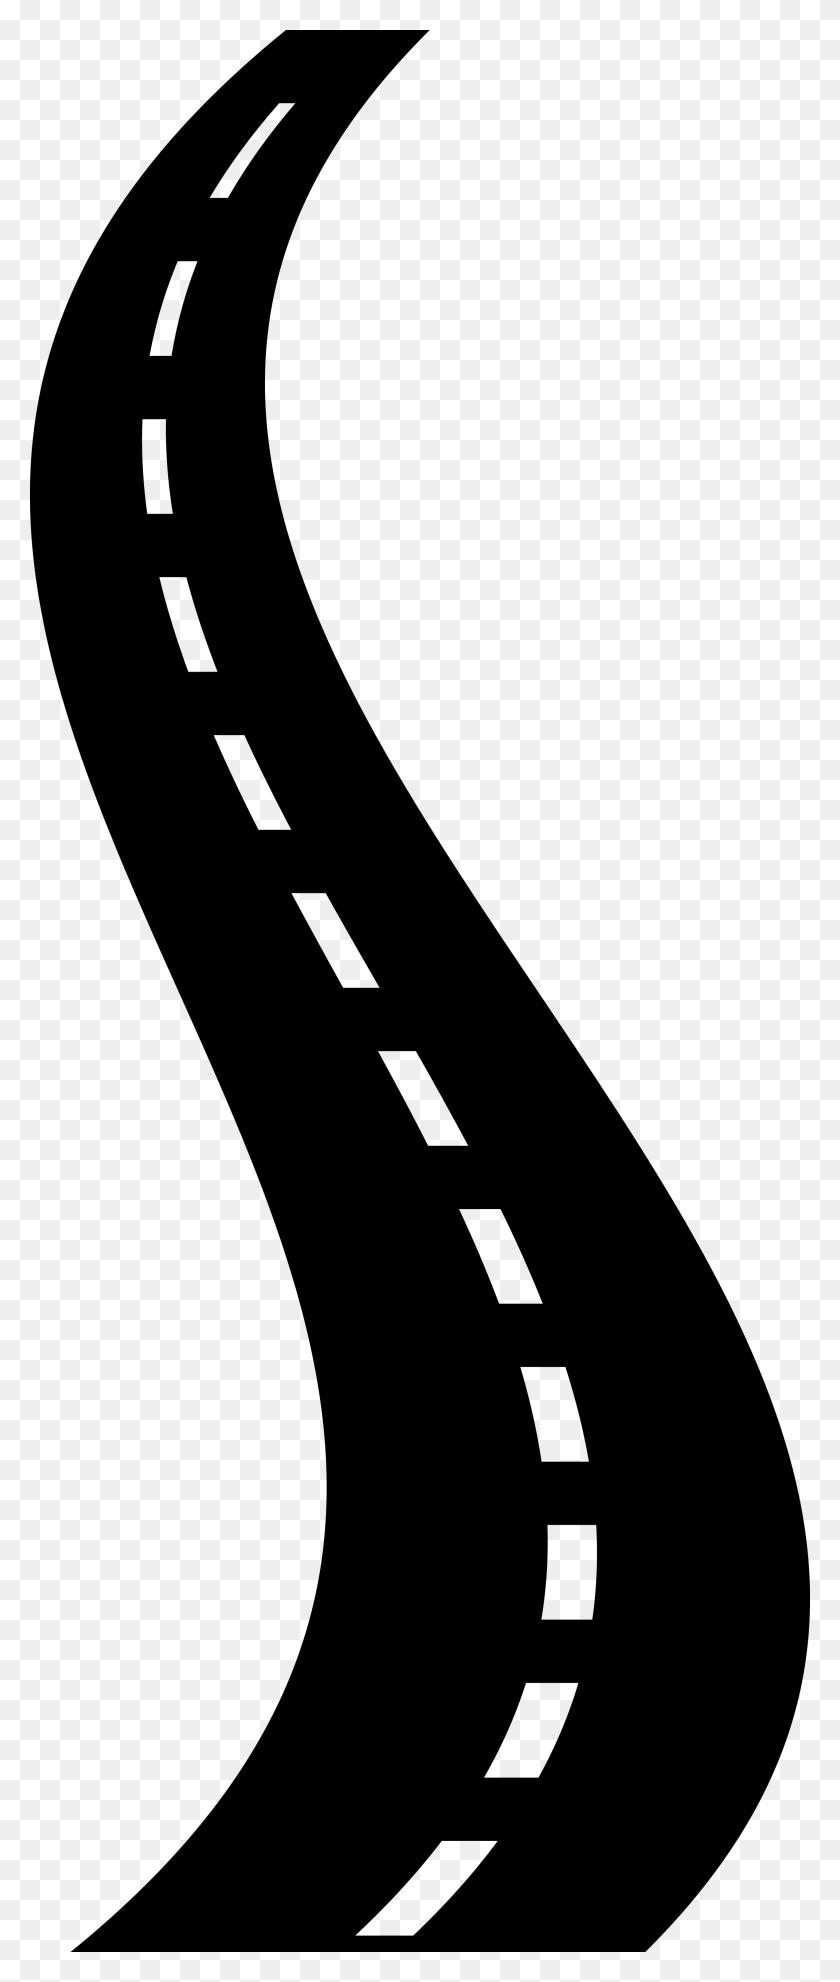 Freeway Clipart Zigzag Road - Zigzag Clipart